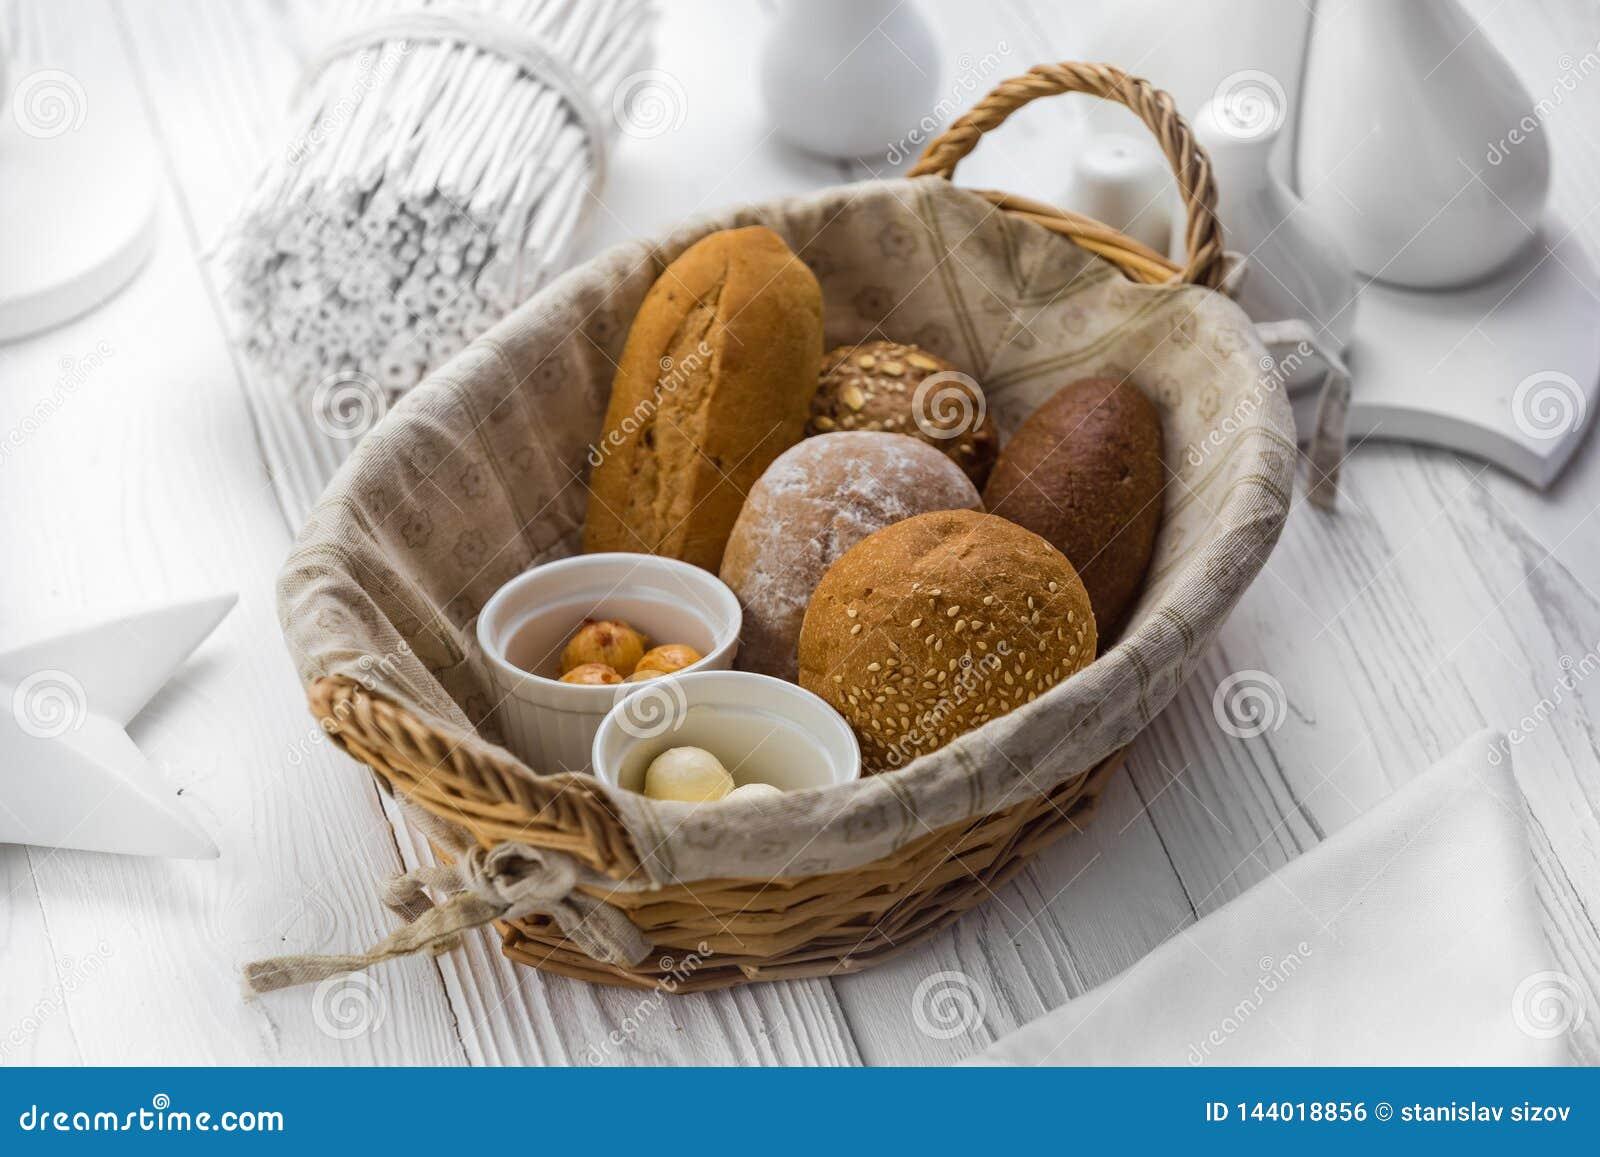 Wohlriechendes Brot und Brötchen in einem Korb